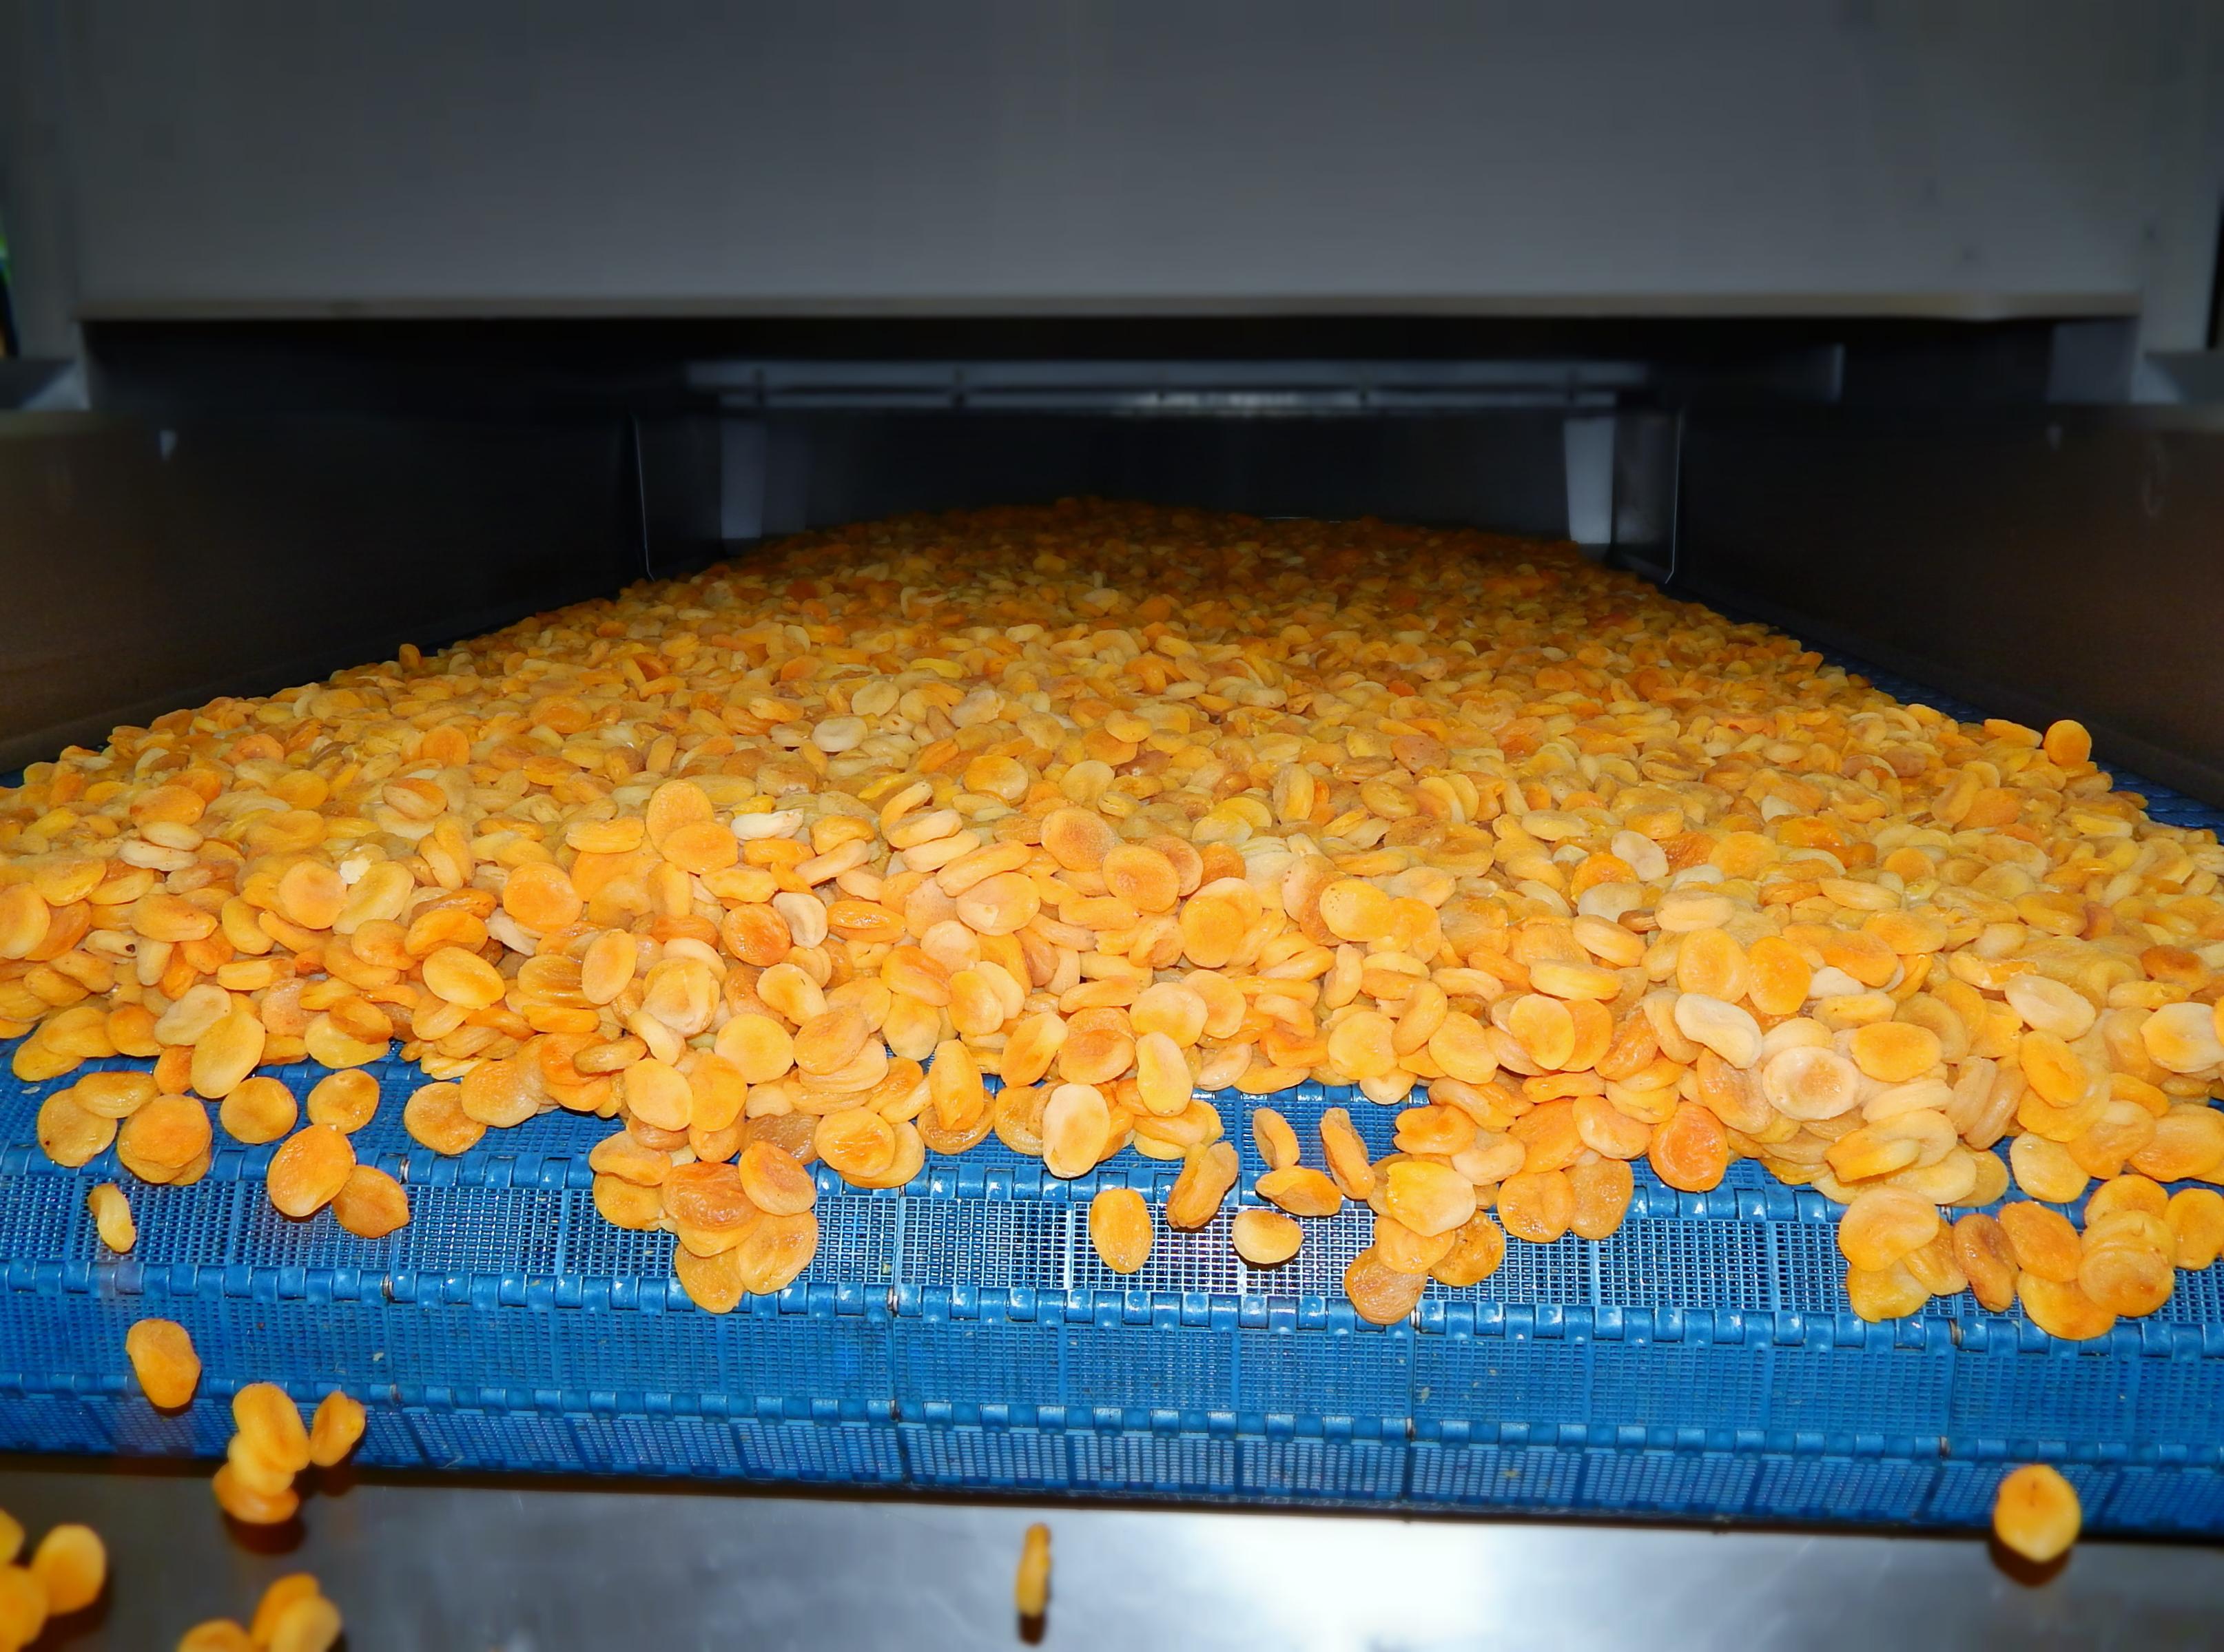 Réhydratation des abricots chez COLOR FOODS